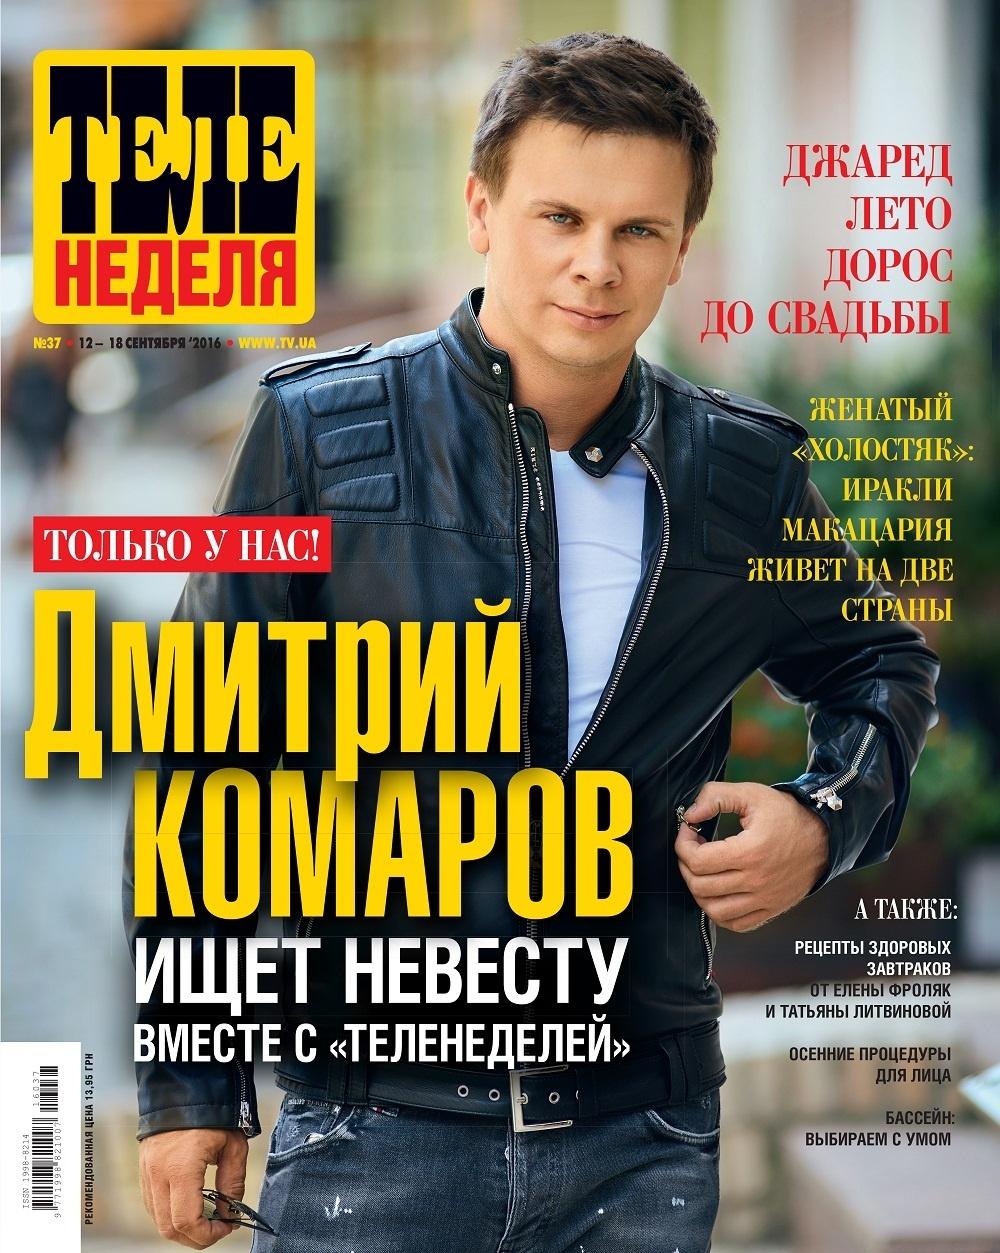 dmitriy-komarov-ishchet-nevestu-vmeste-s-telenedeley-1_01